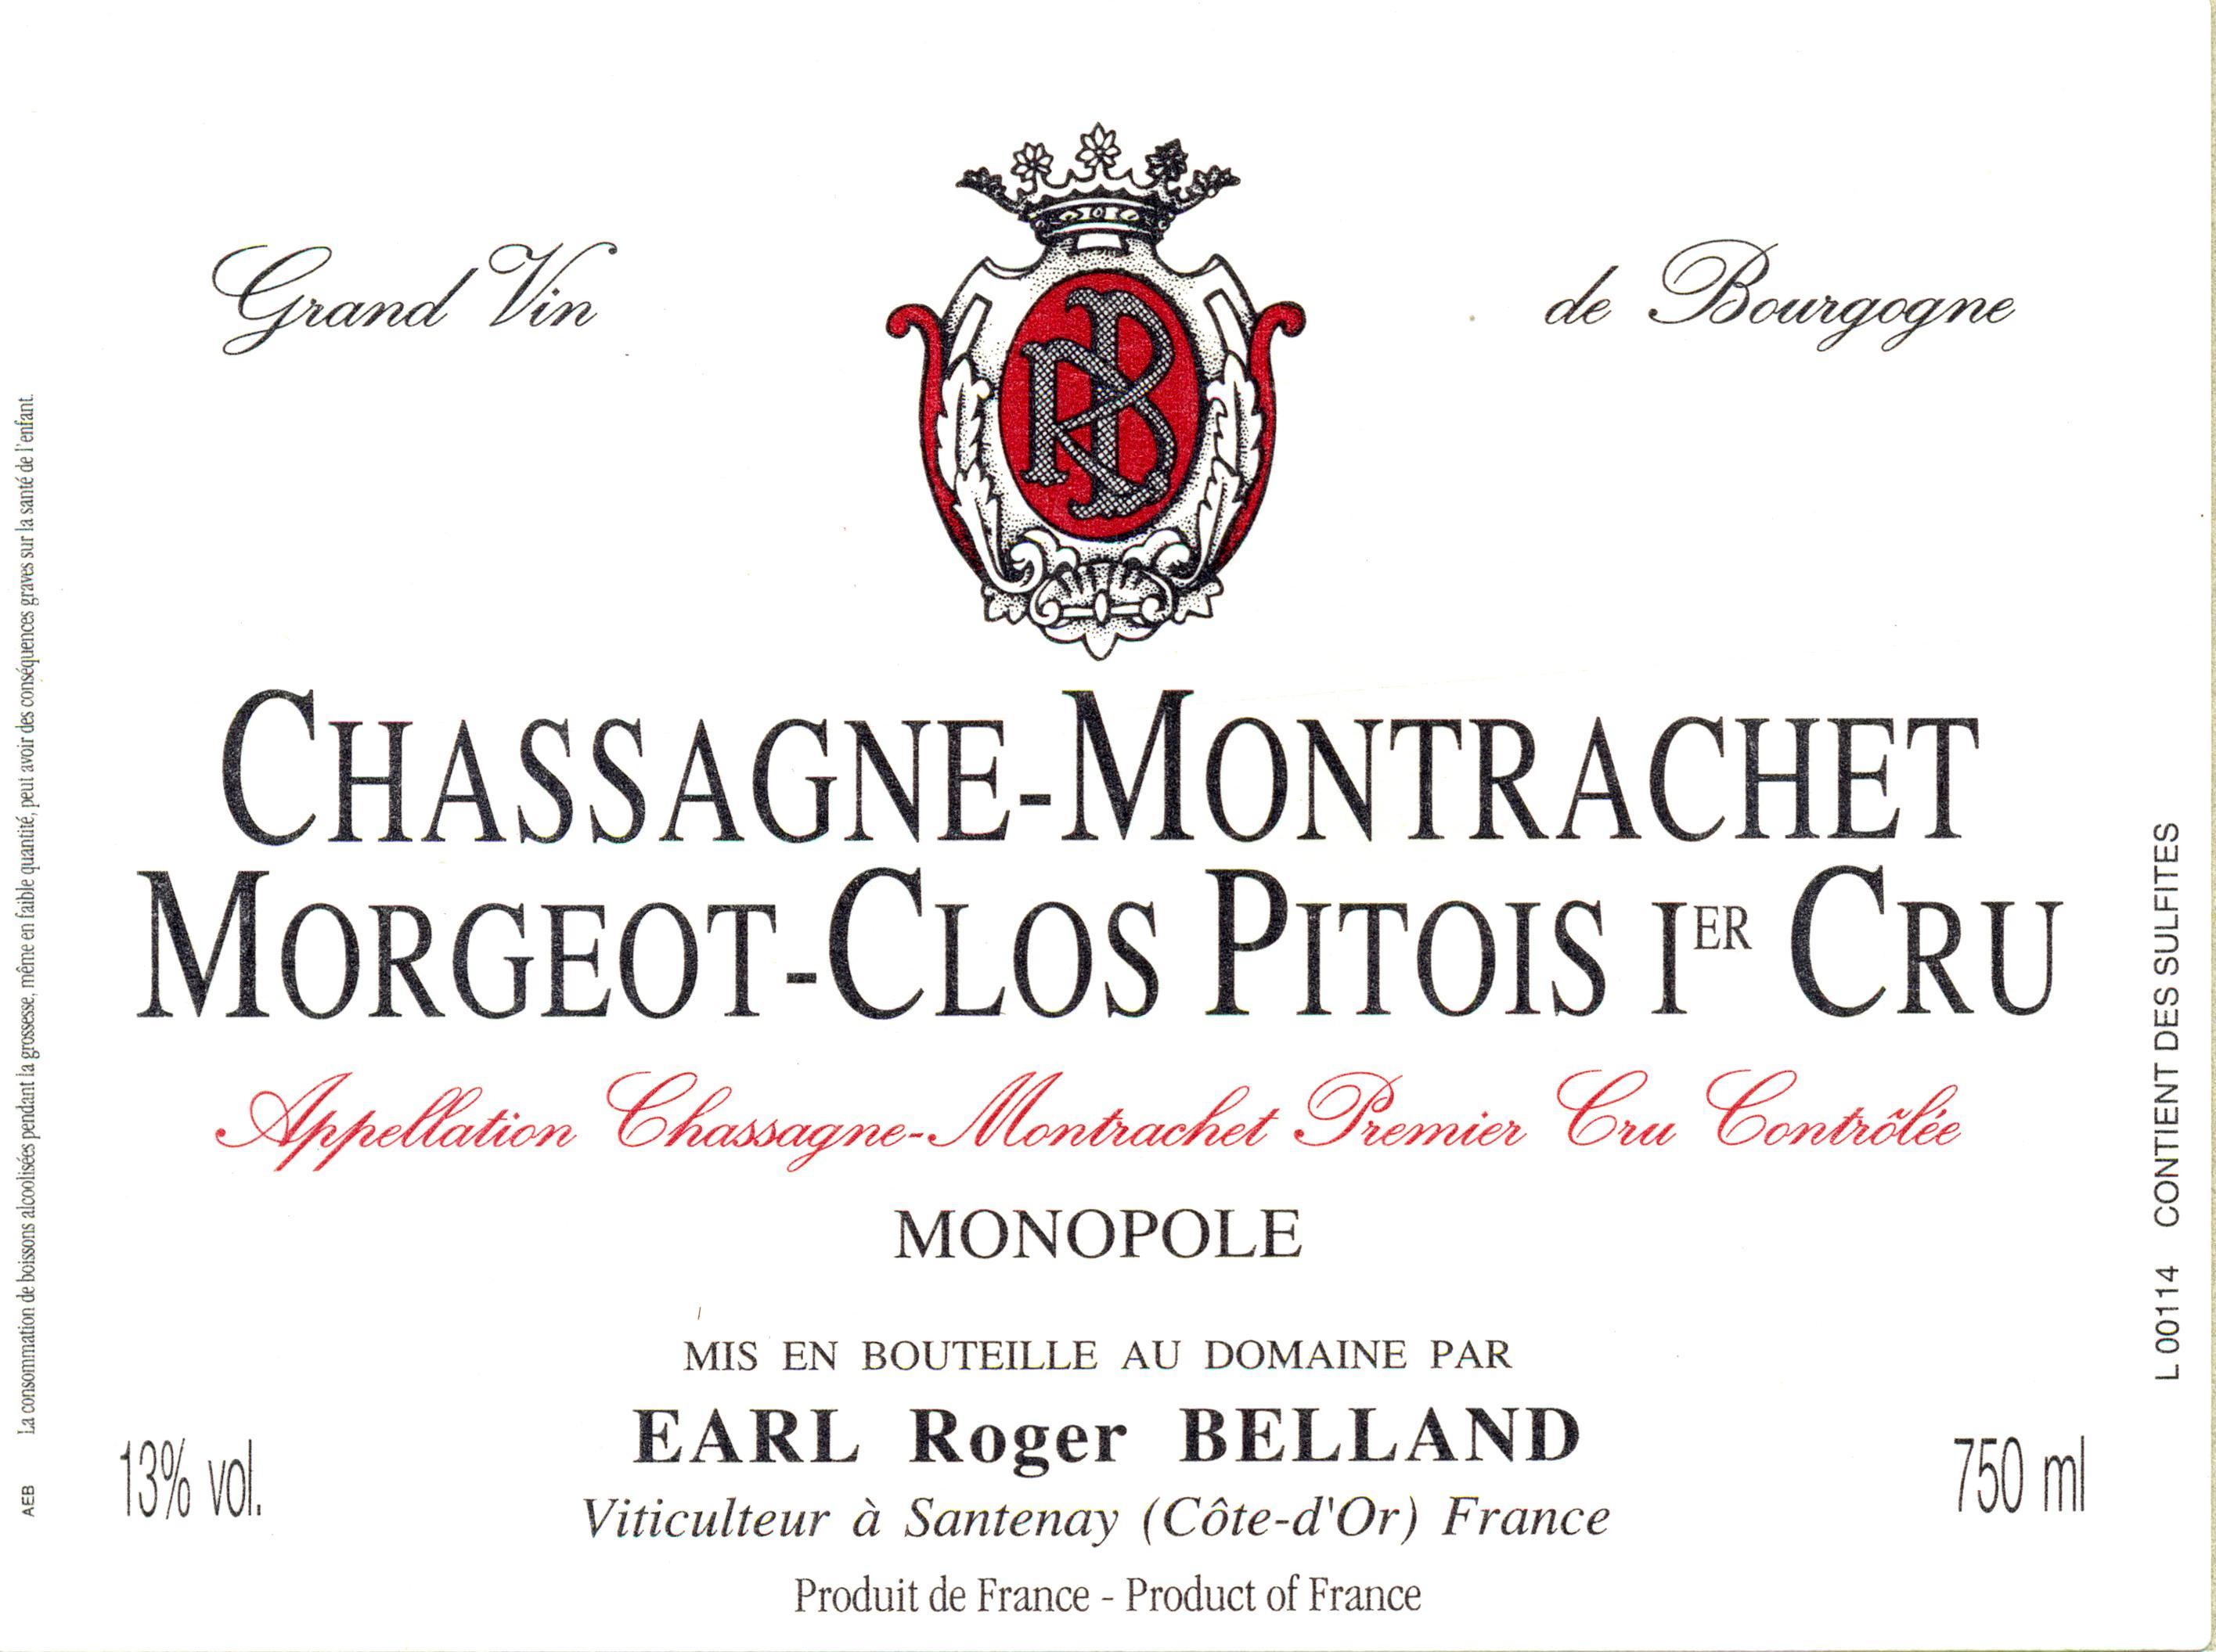 2014 Chassagne Montrachet 1er cru Clos Pitois rouge (Duplicate)